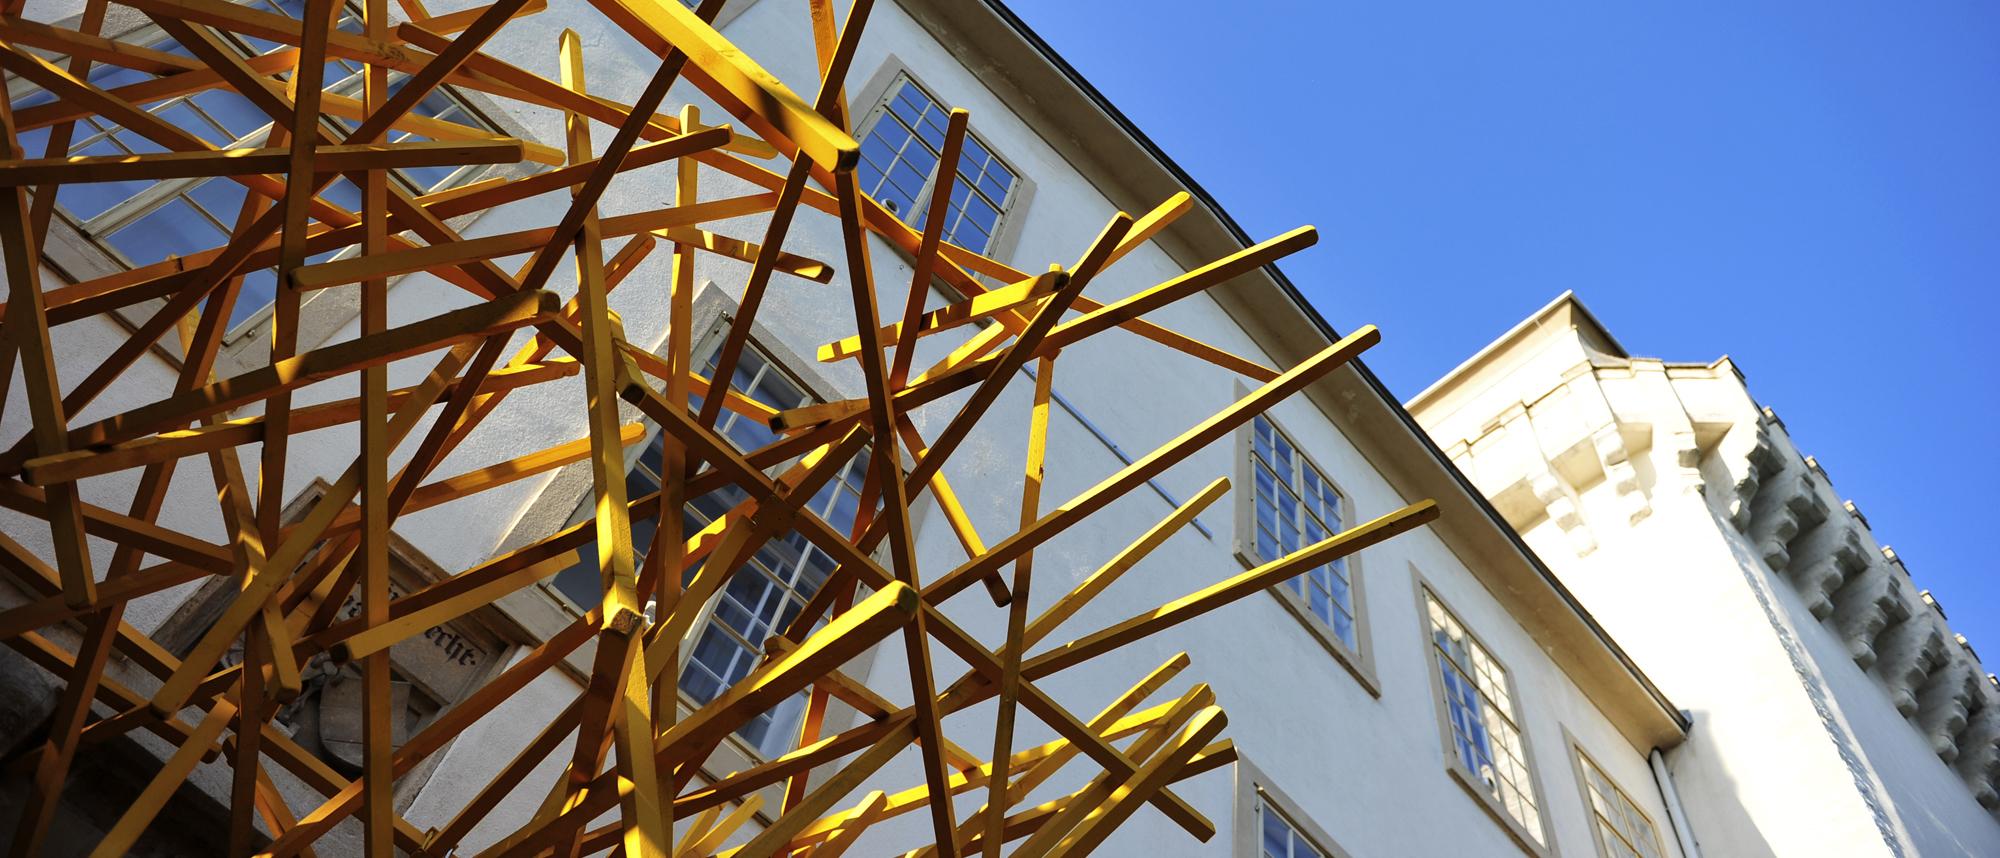 Ausstellungsstandort Asparn/ Zaya © Klaus Pichler